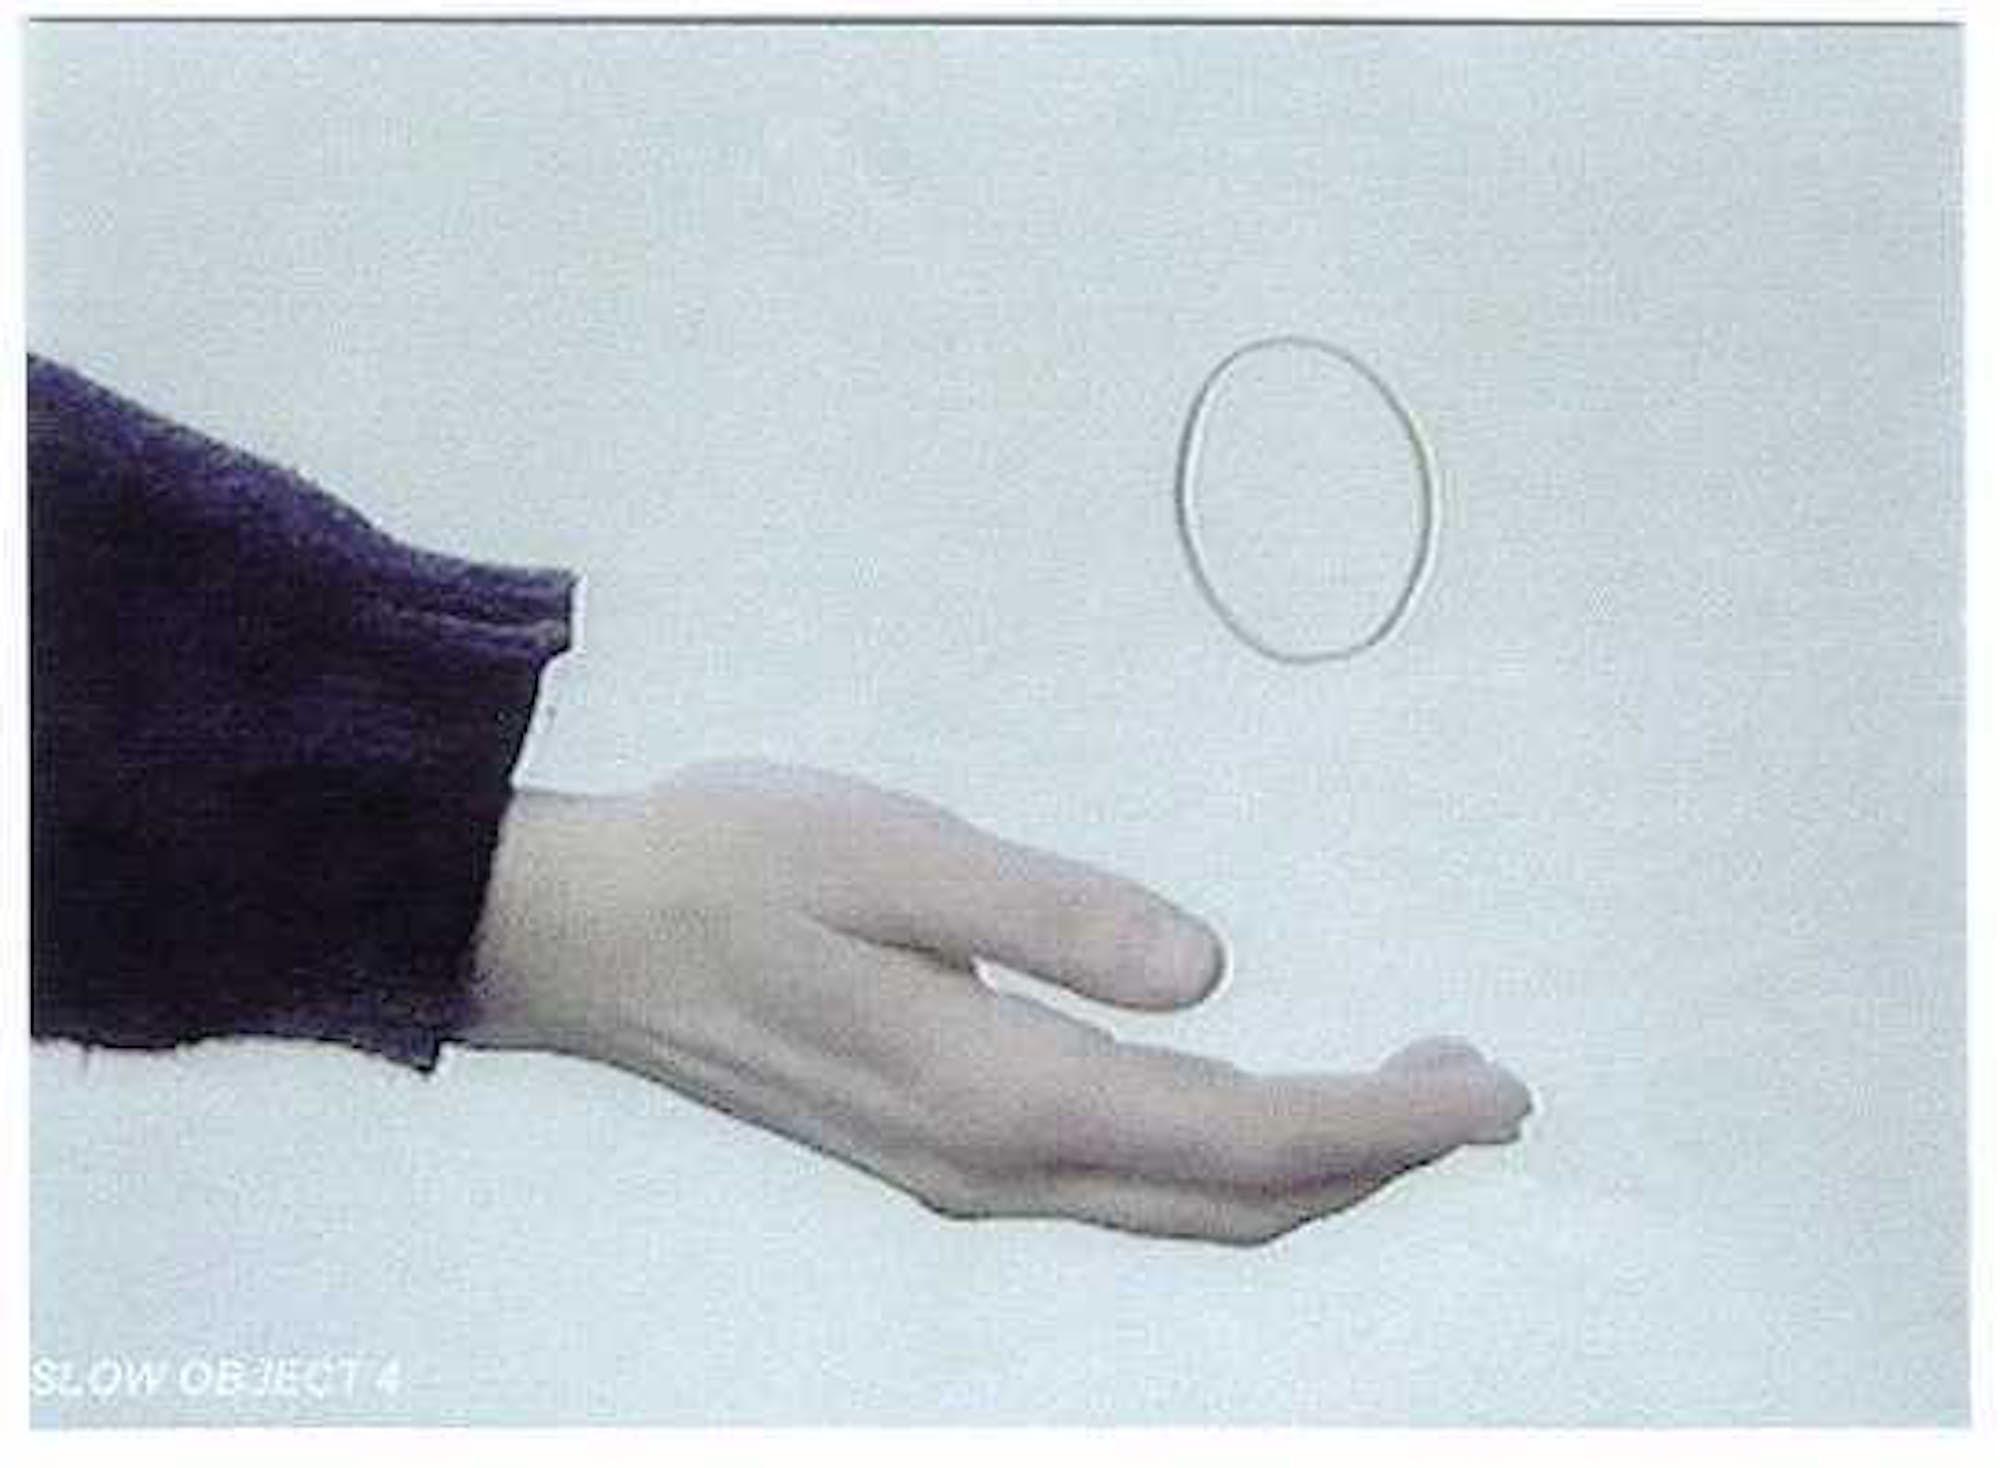 DEKYNDT Edith Slow object